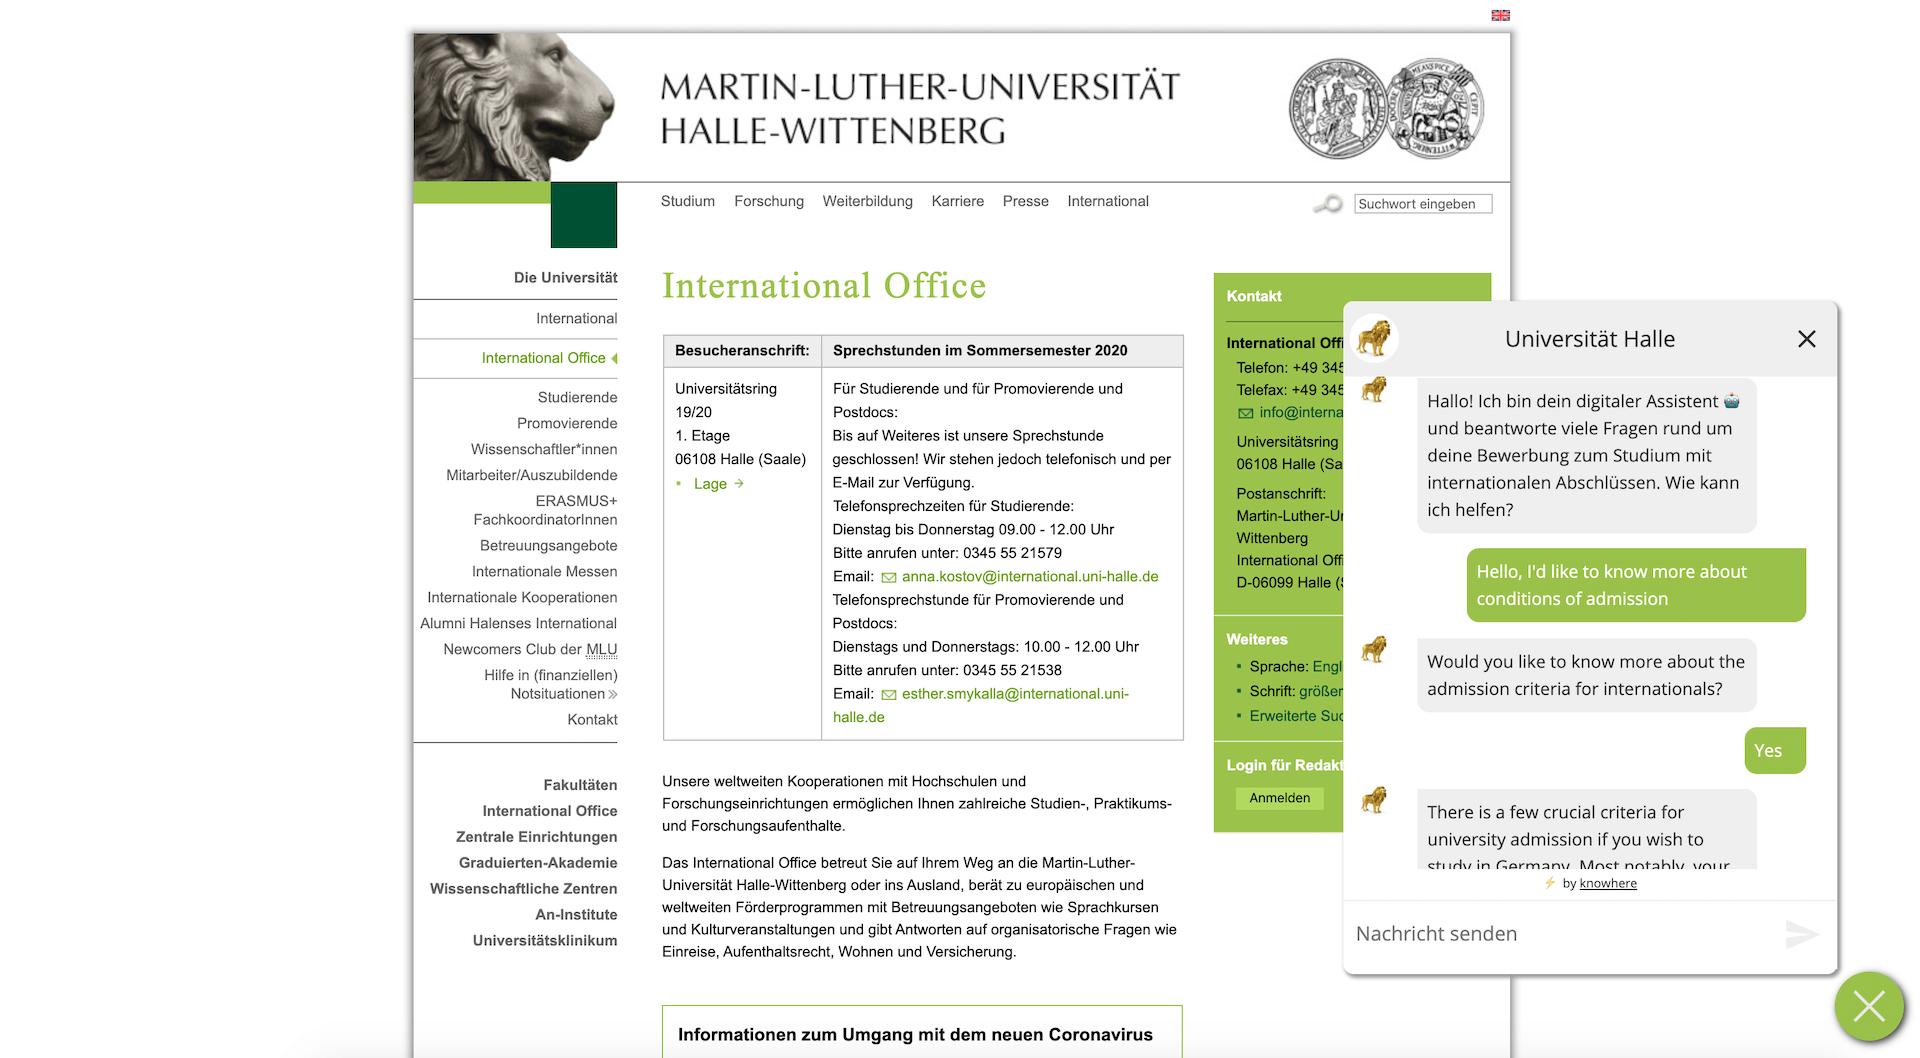 Mehrsprachigkeit des Chatbot der Martin-Luther-Universität Halle-Wittenberg